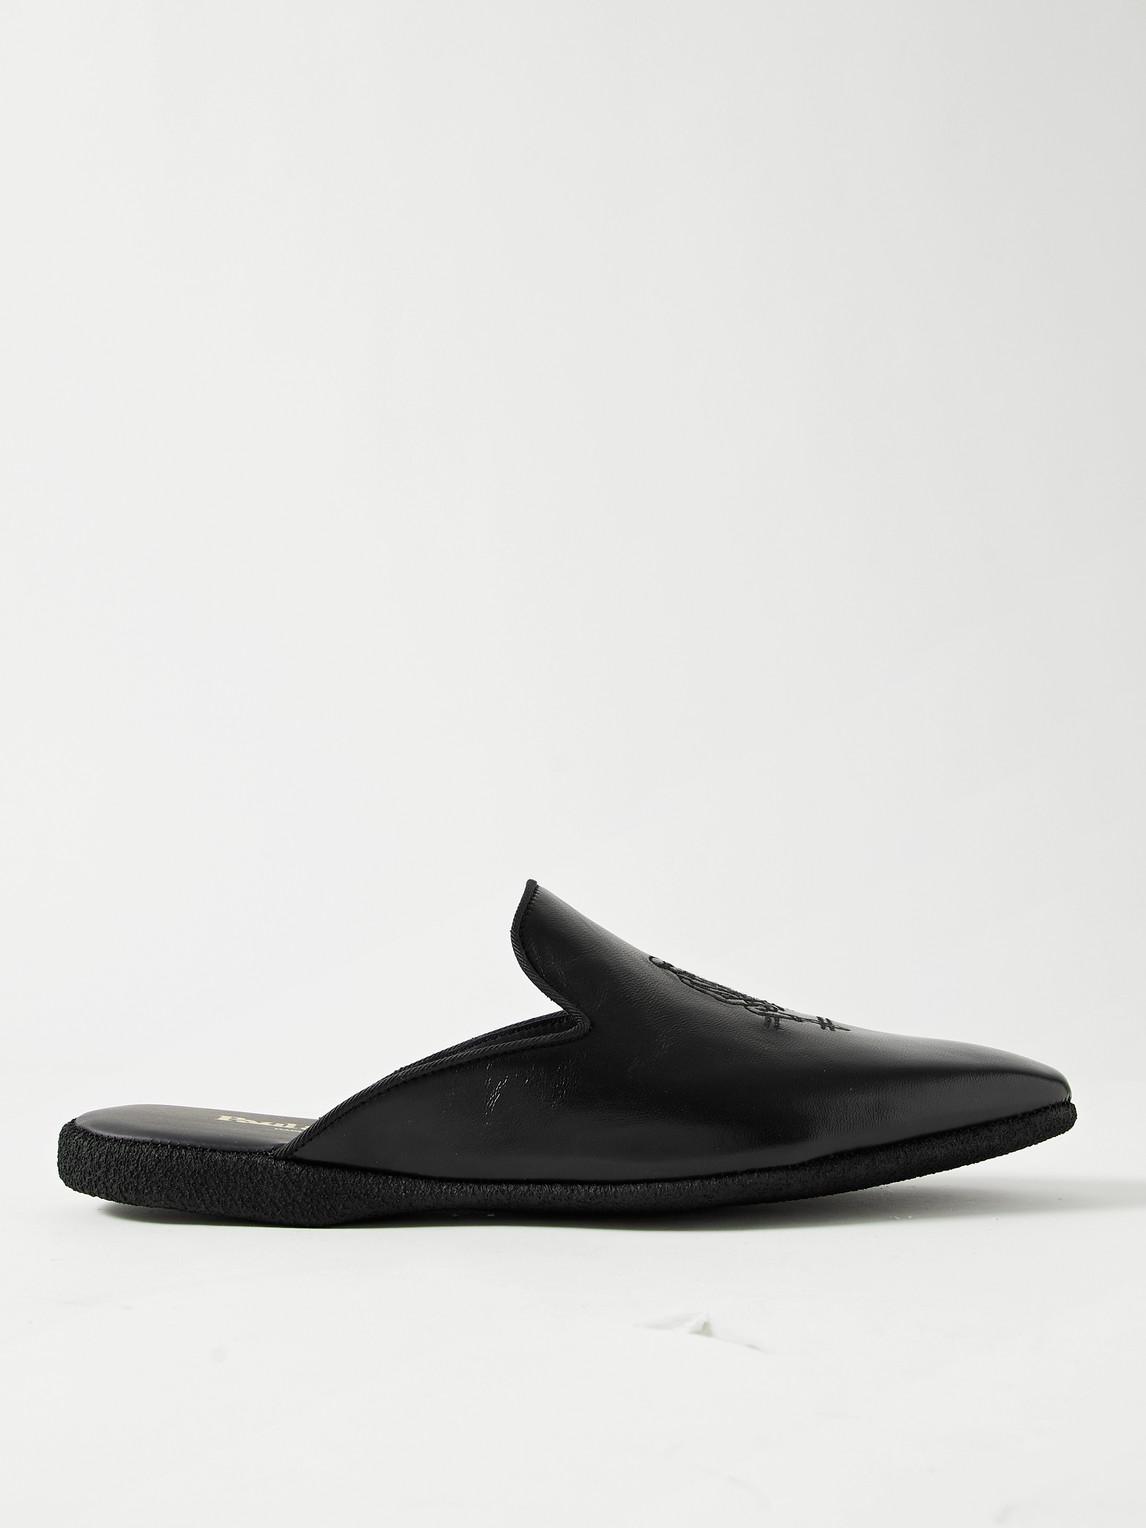 paul stuart - hamilton embroidered velvet slippers - men - black - 7